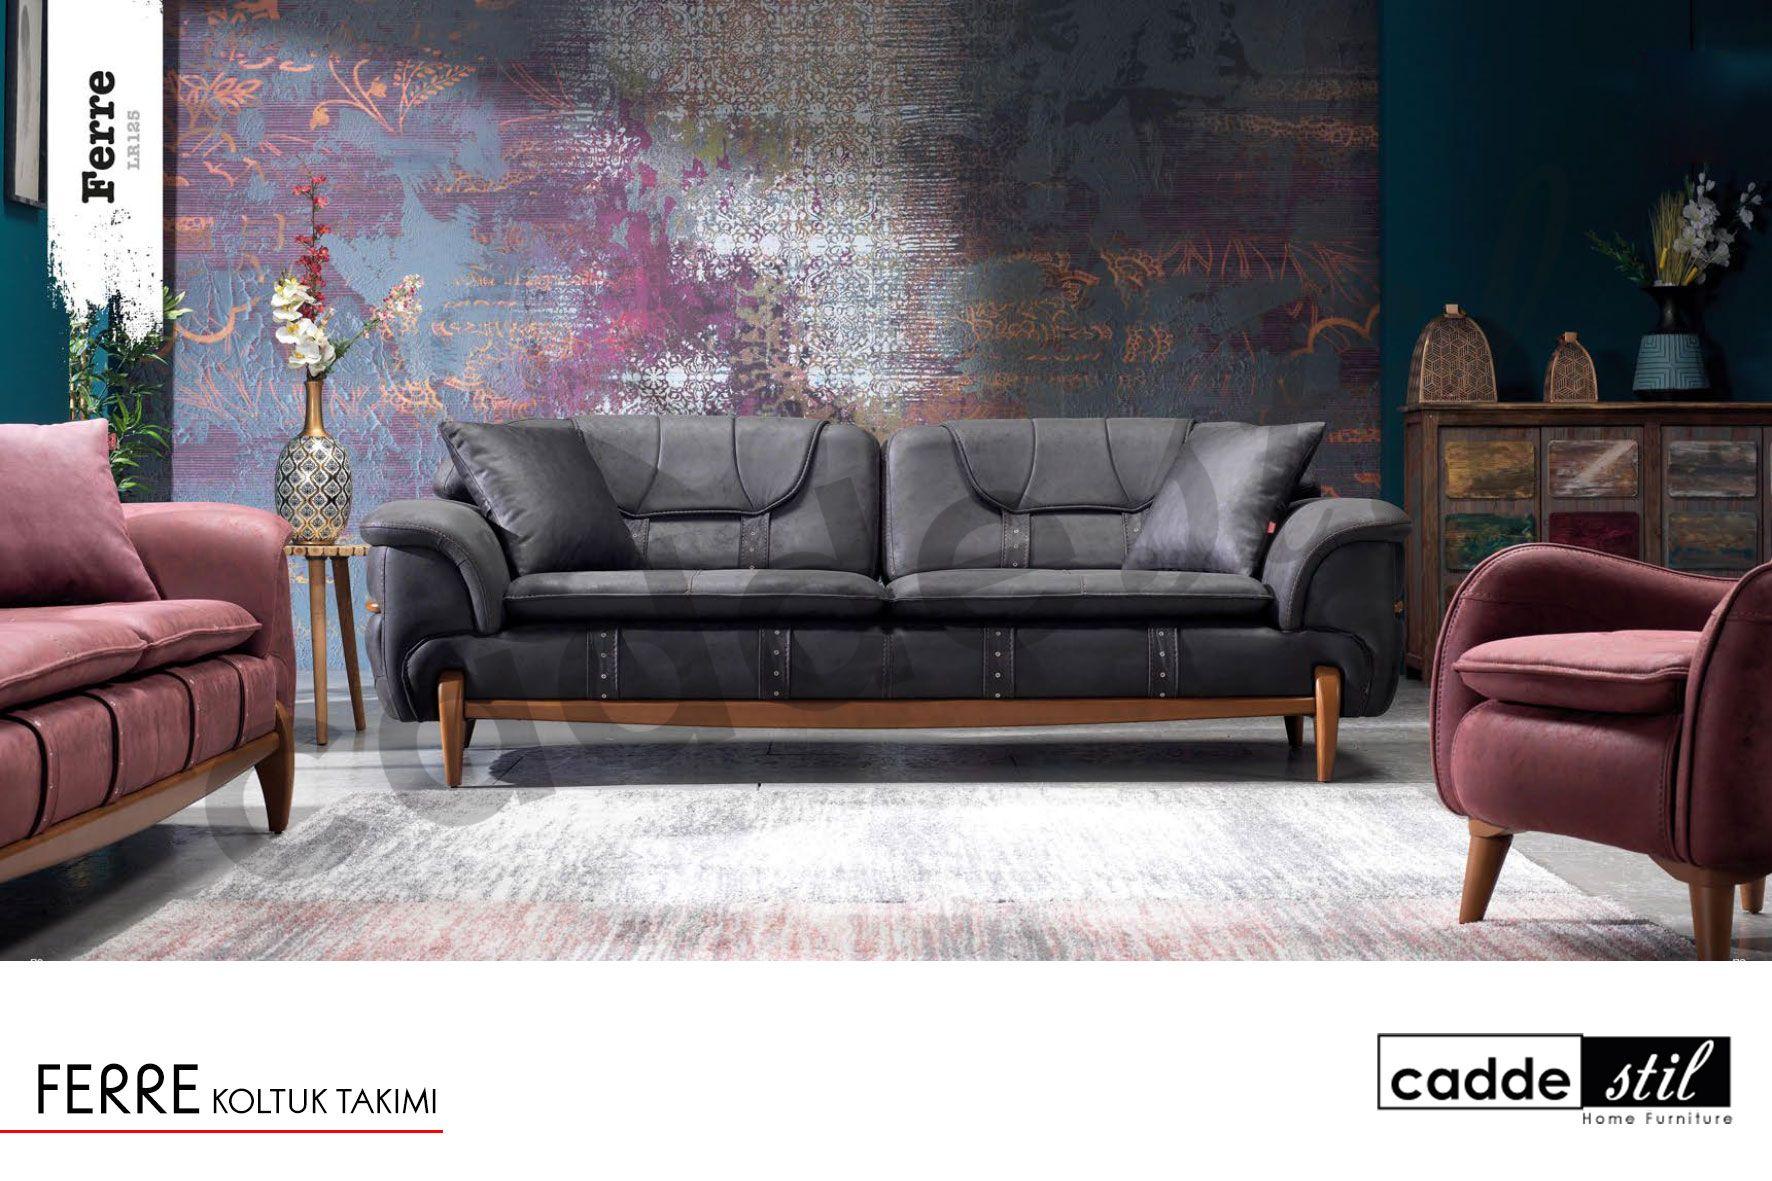 Koltuk Takimlari Furniture Love Seat Home Decor